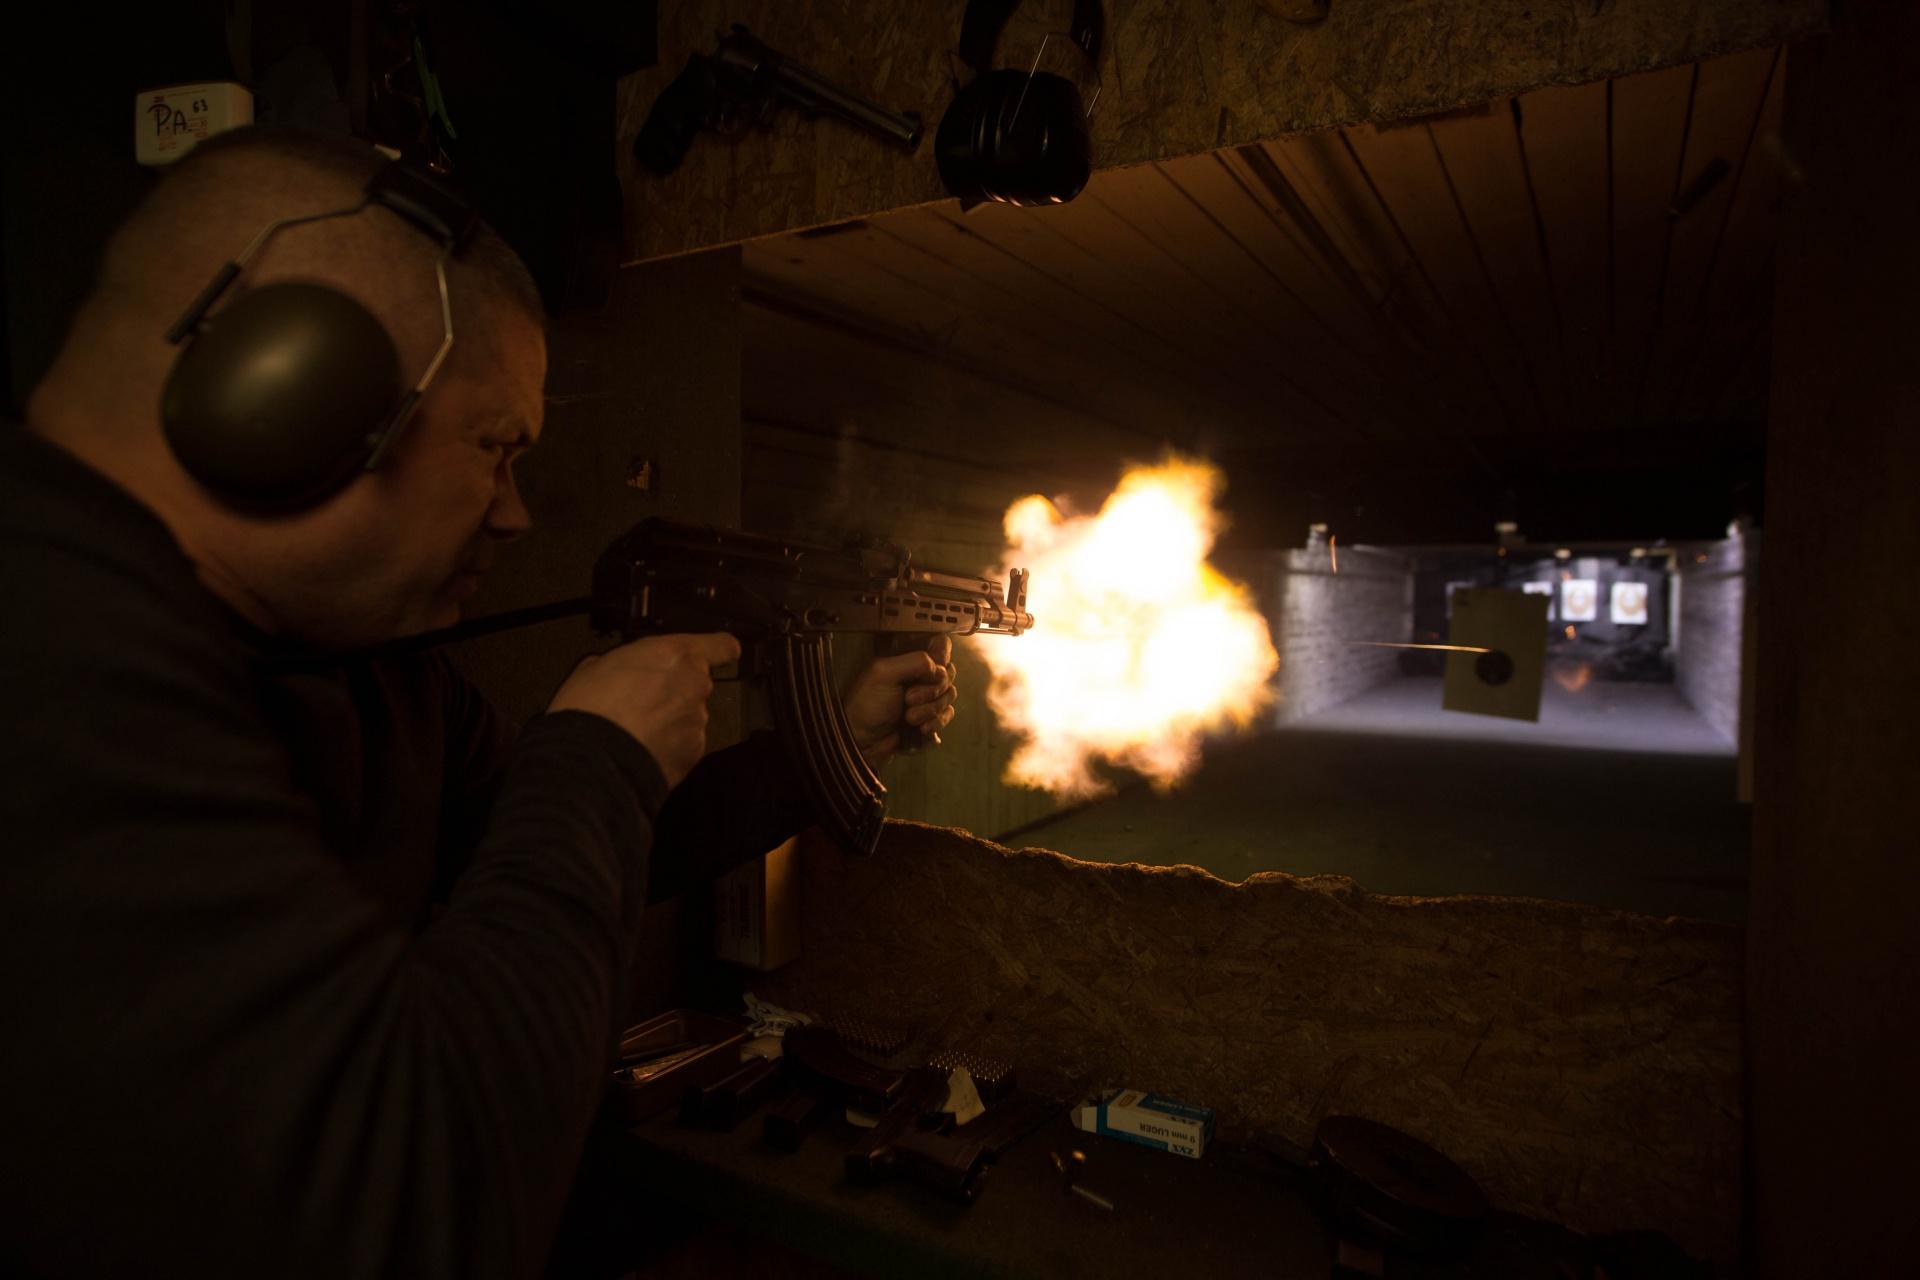 Ak47 firing